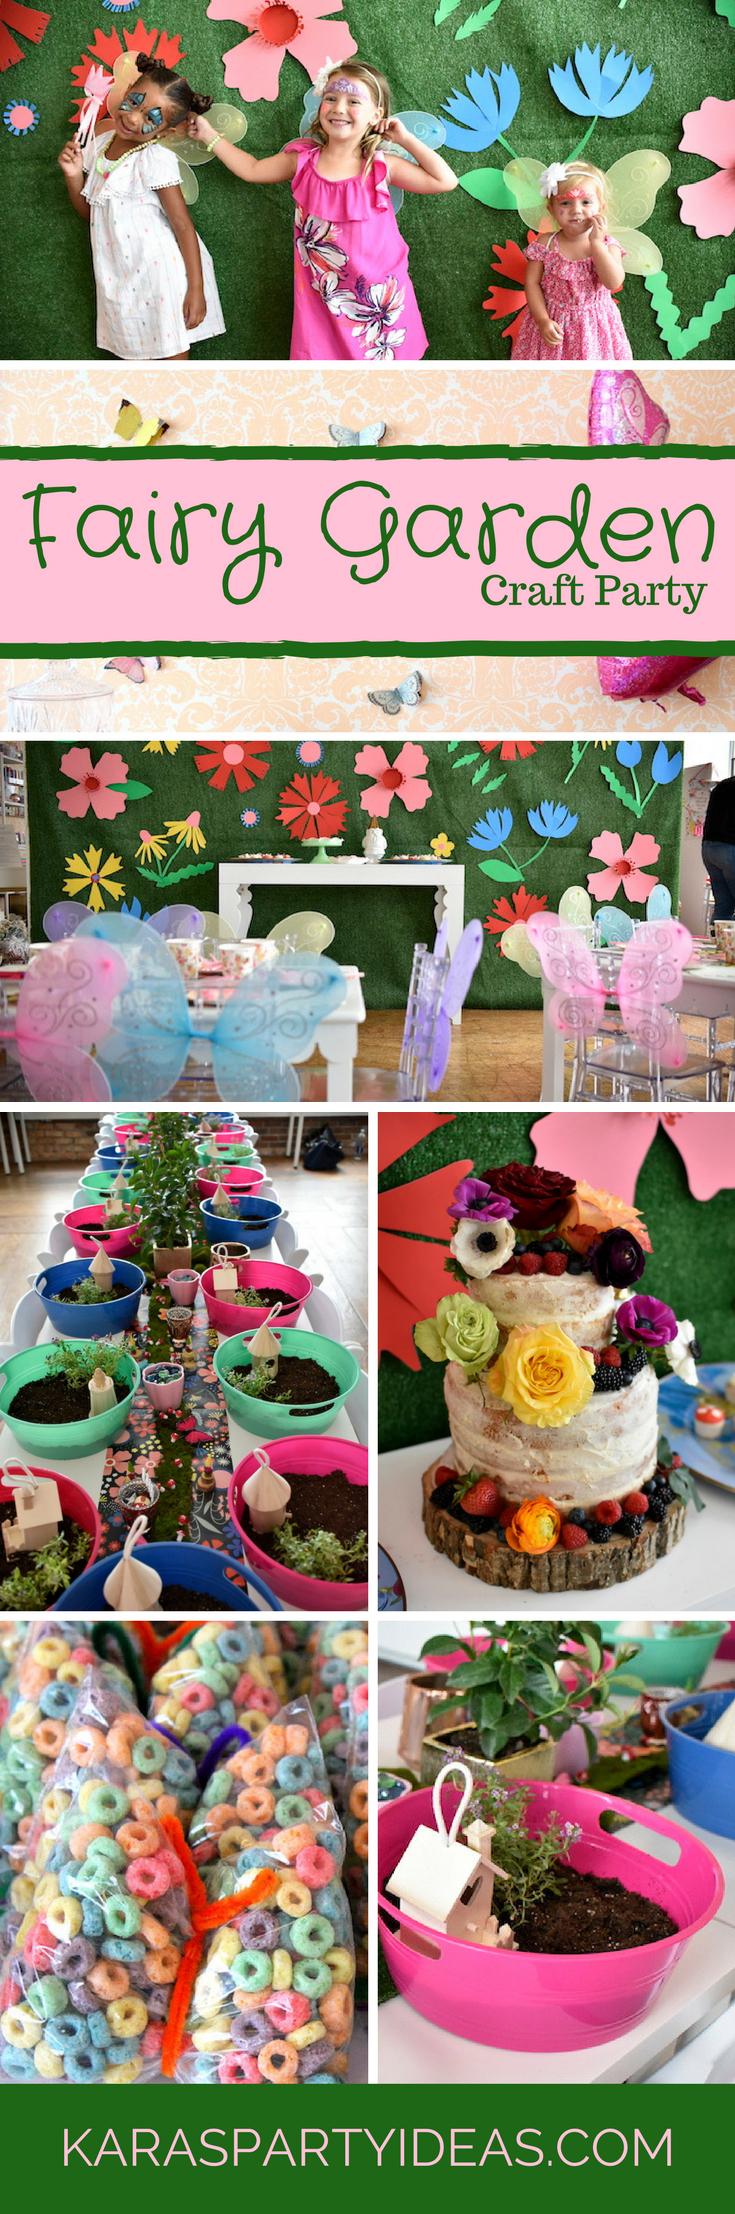 Fairy Garden Craft Party via Kara's Party Ideas